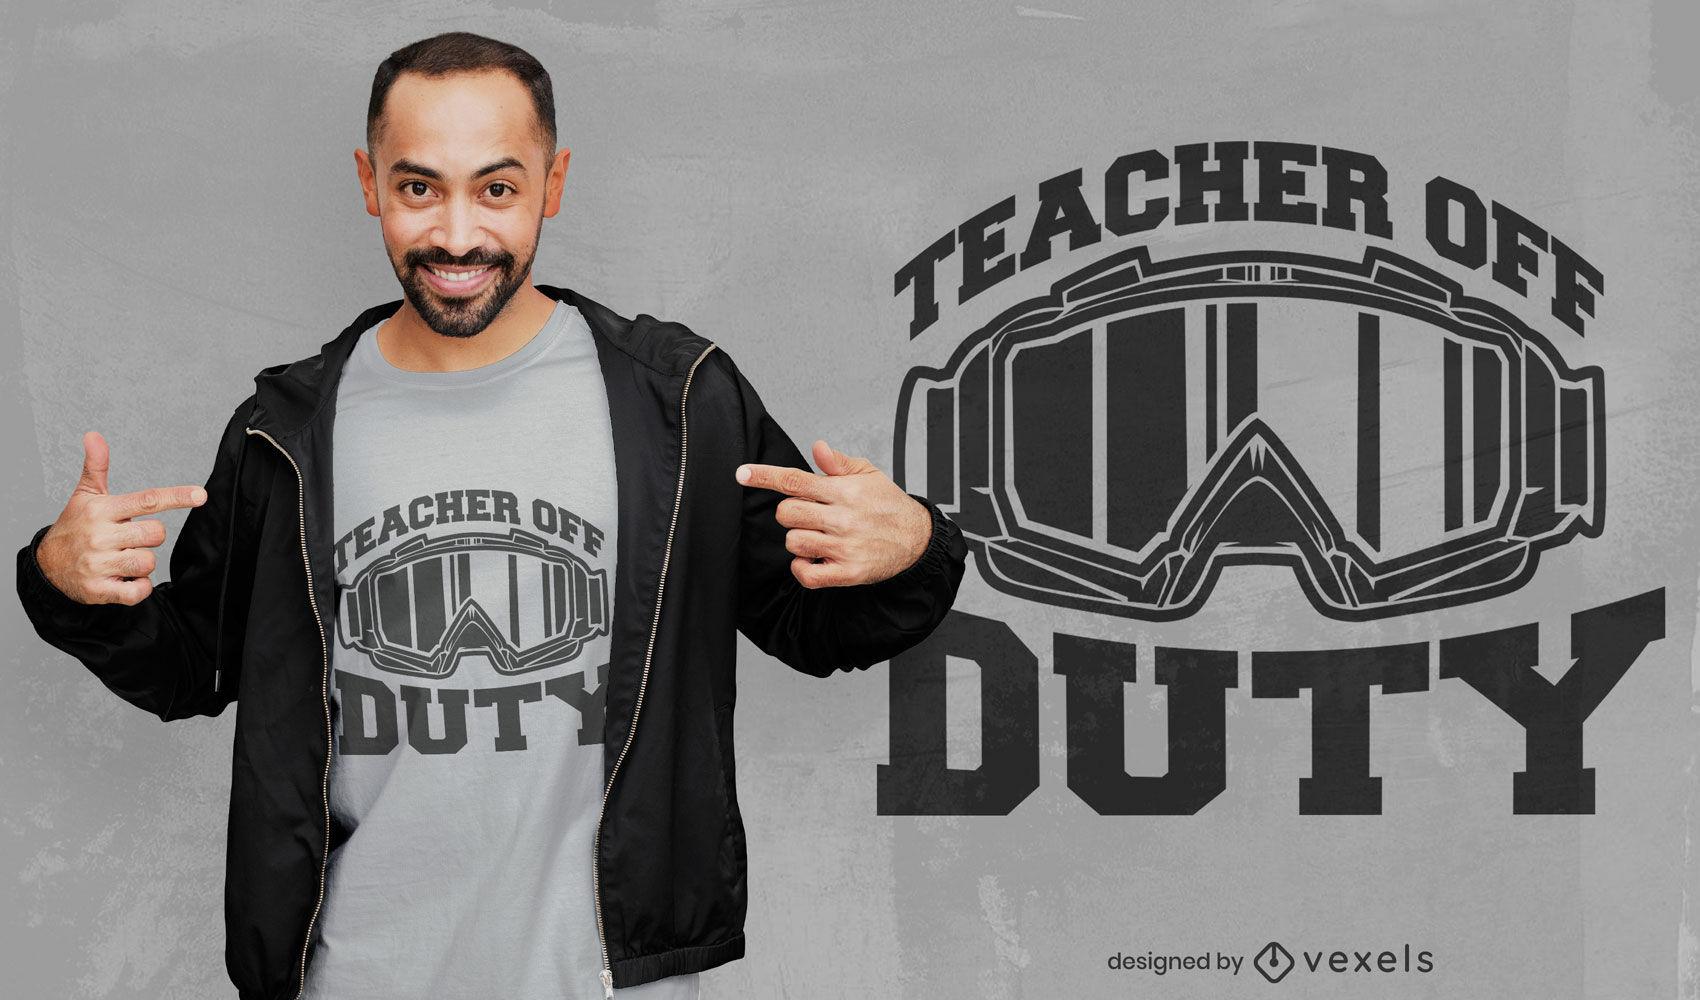 Teacher off duty goggles t-shirt design